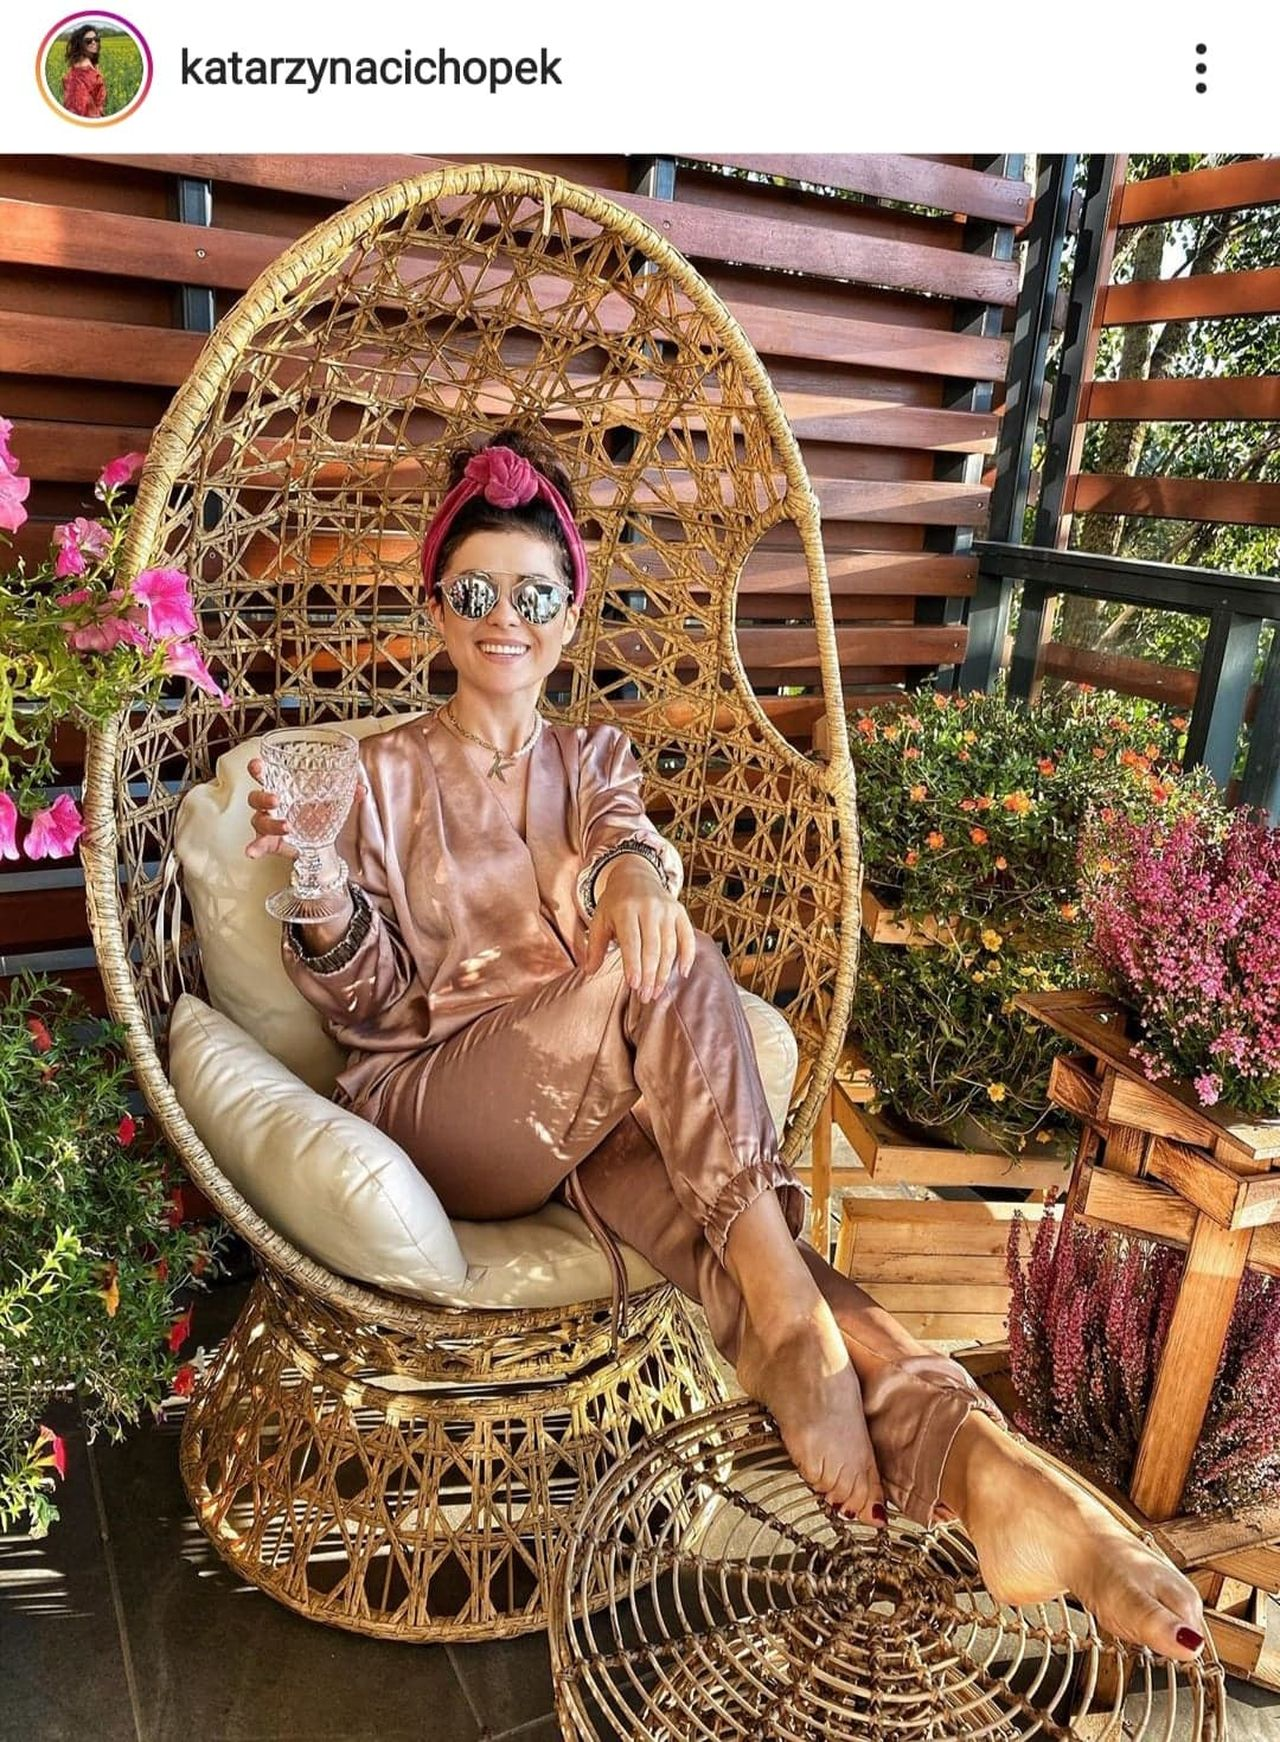 Katarzyna Cichopek na fotelu w stylu boho.